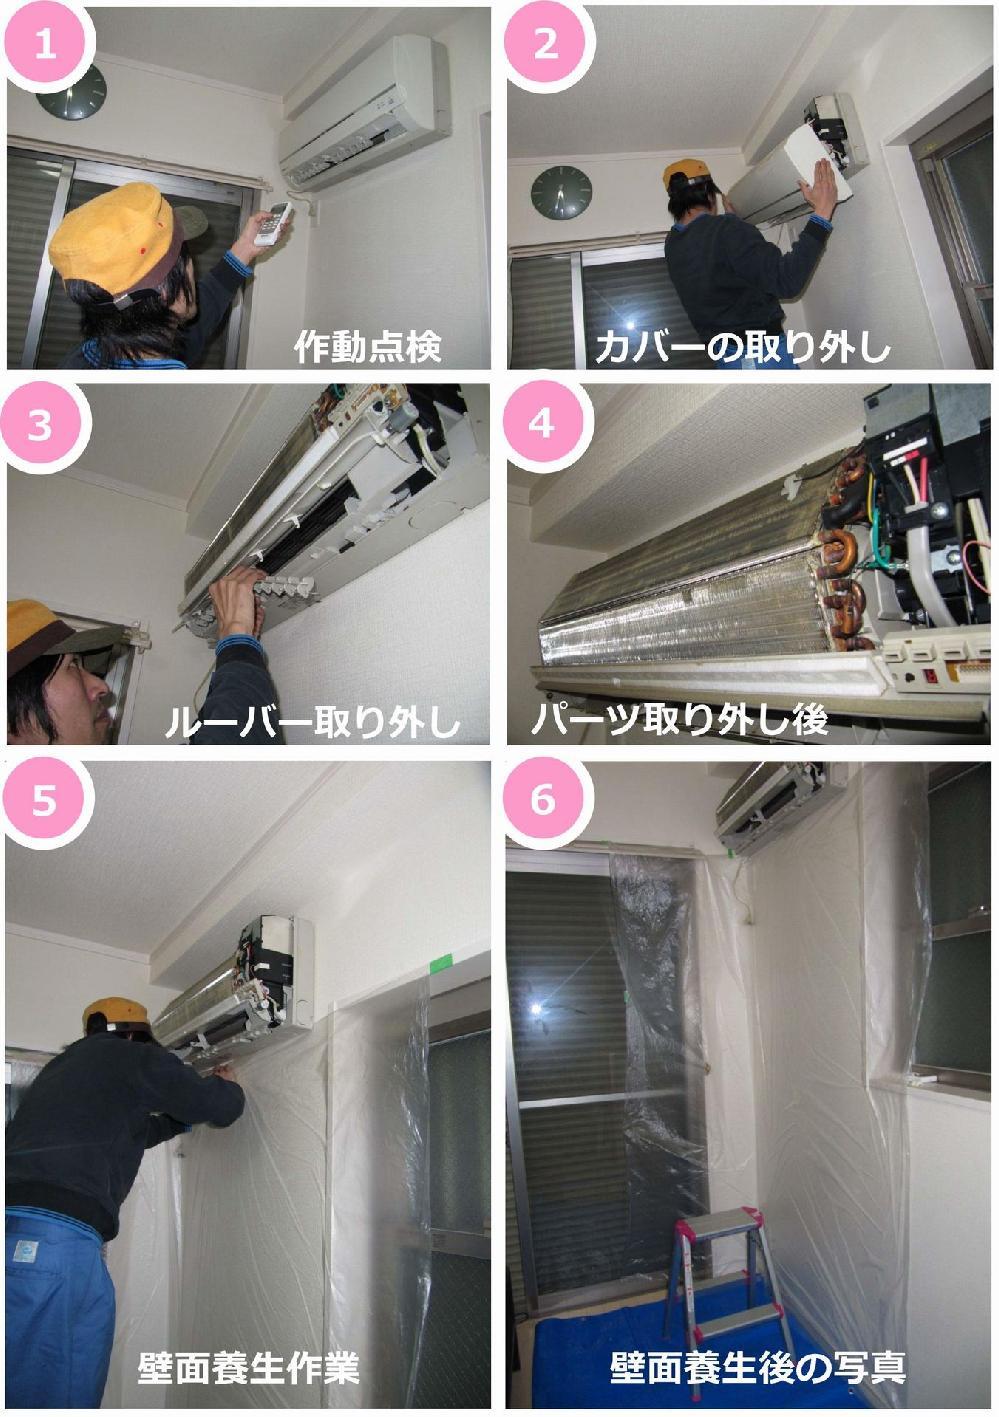 家庭用エアコン洗浄作業風景1